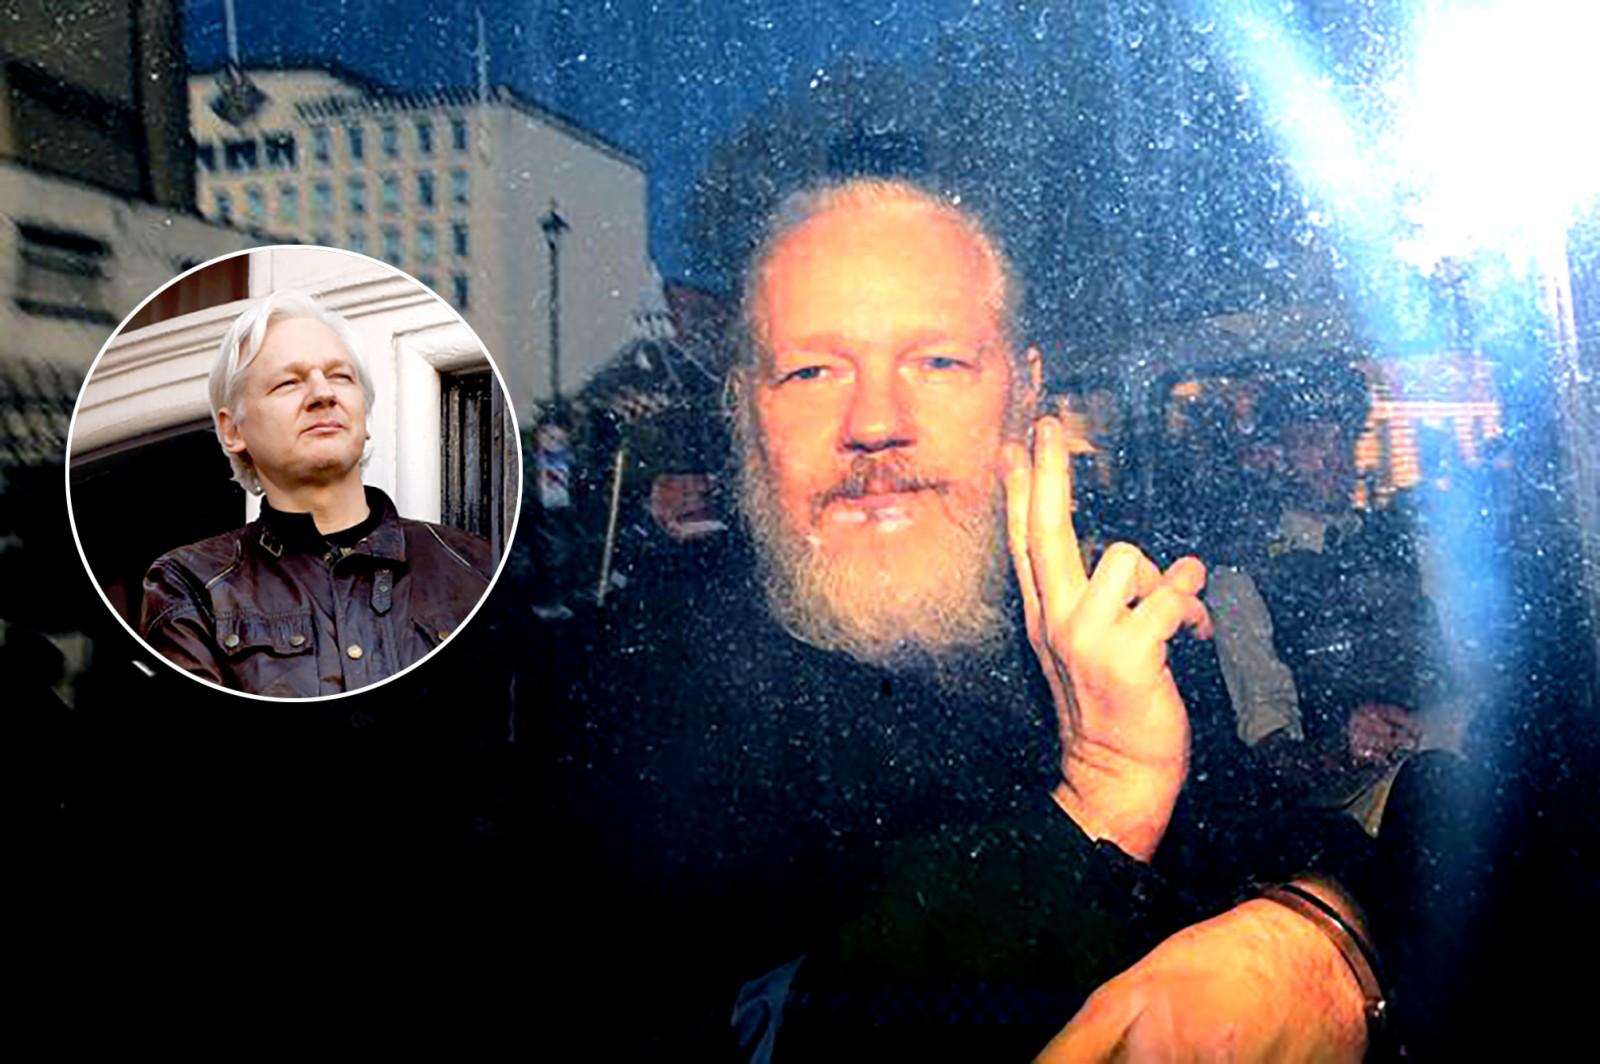 Nhà sáng lập WikiLeaks Assange trước và sau gần 7 năm sống tị nạn. Ảnh: AP và Getty Images